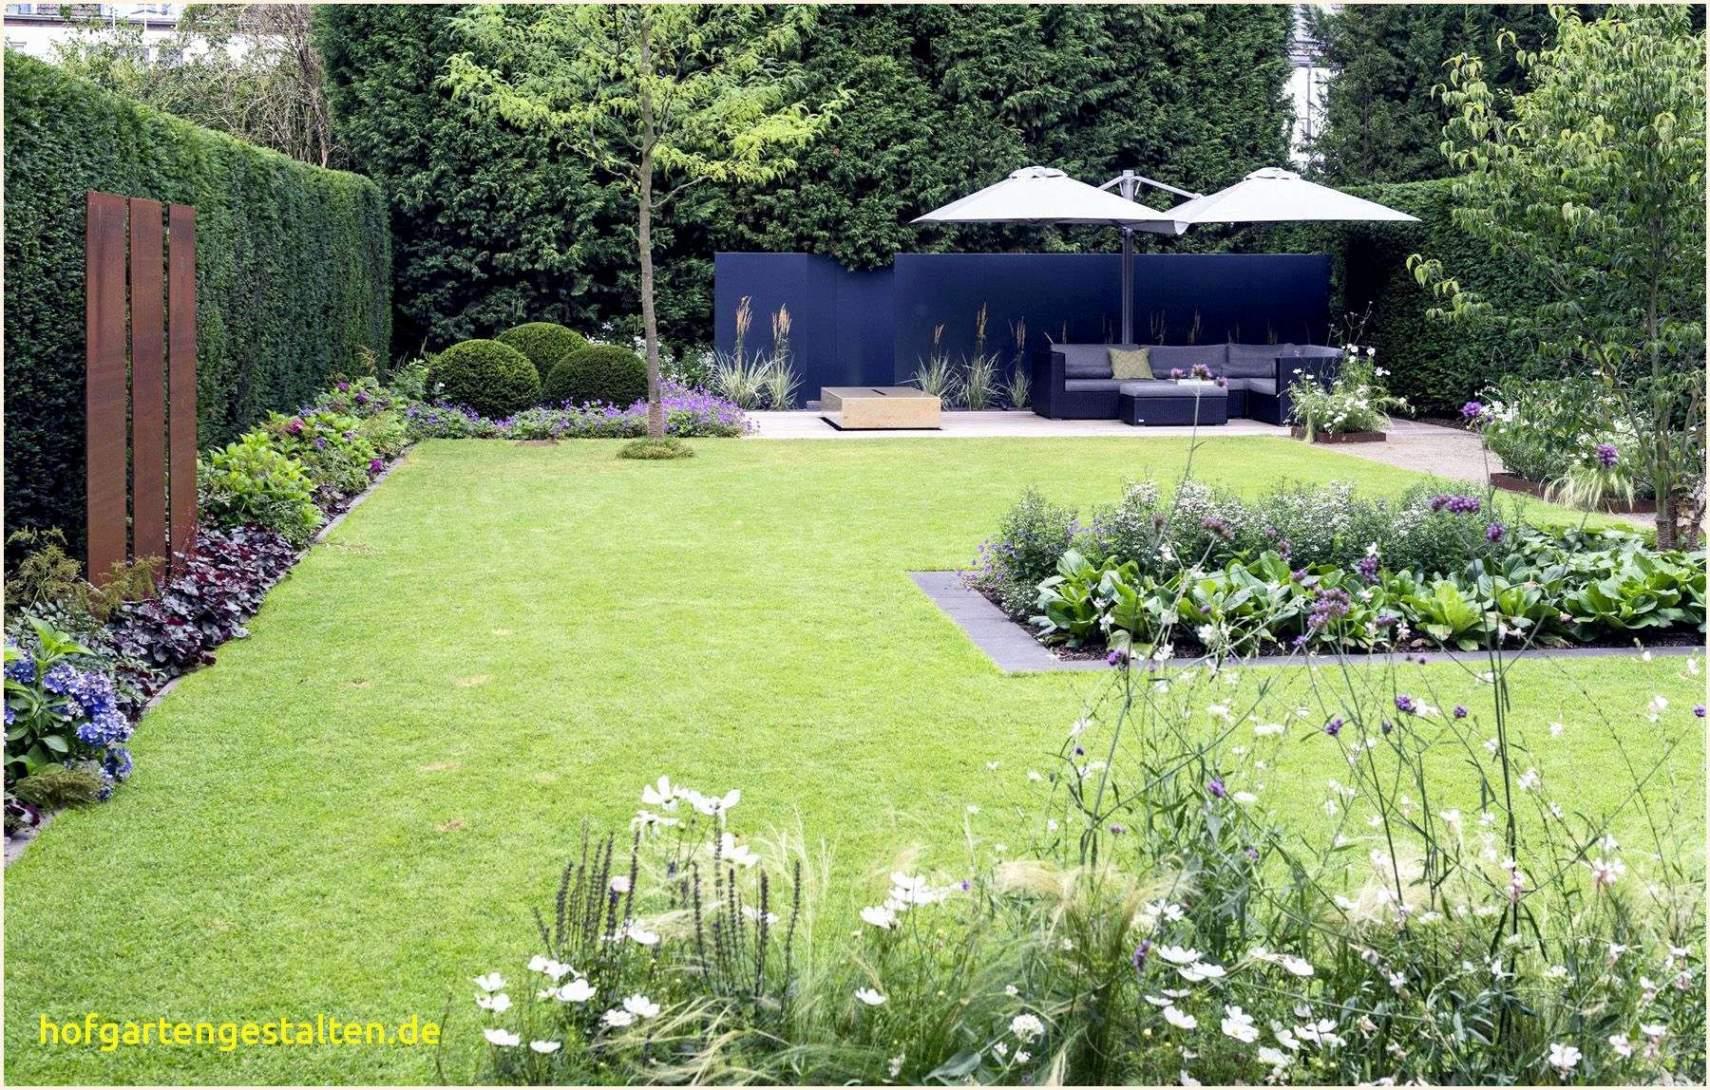 Kiesgarten Anlegen Elegant 34 Schön Garten Anlegen Plan Inspirierend